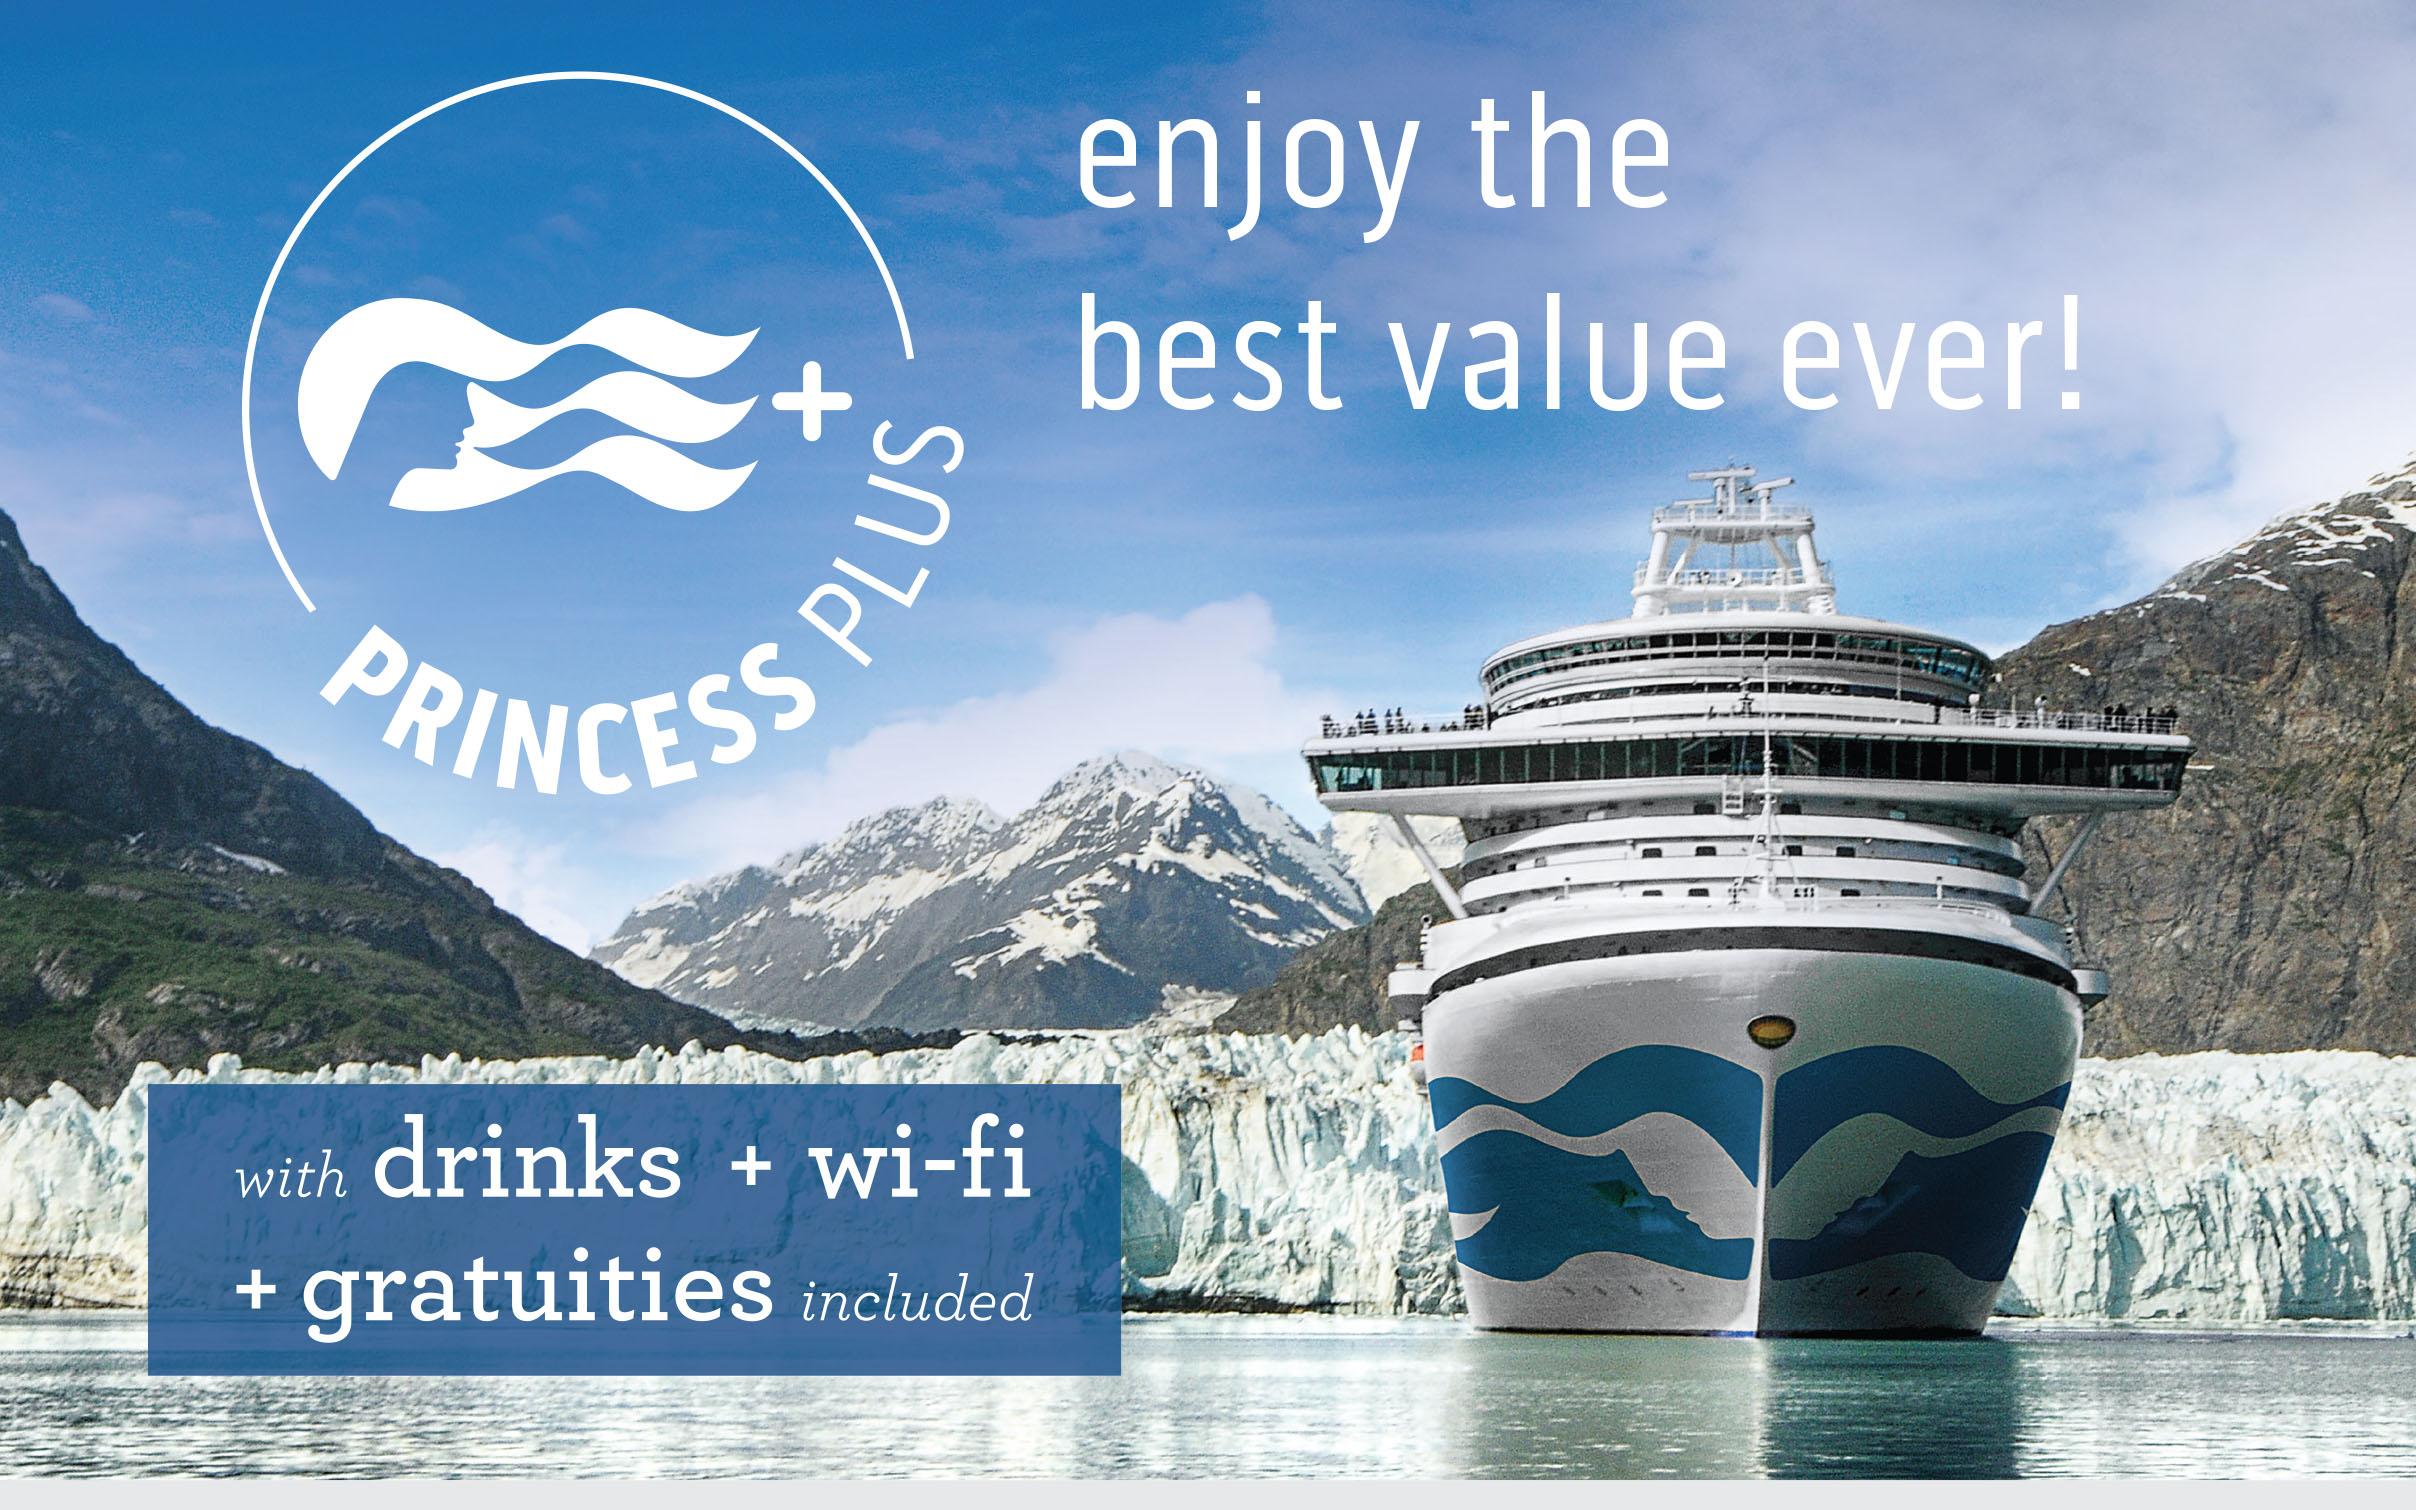 Princess PLUS - FREE Drinks + FREE Wi-Fi + FREE gratuities